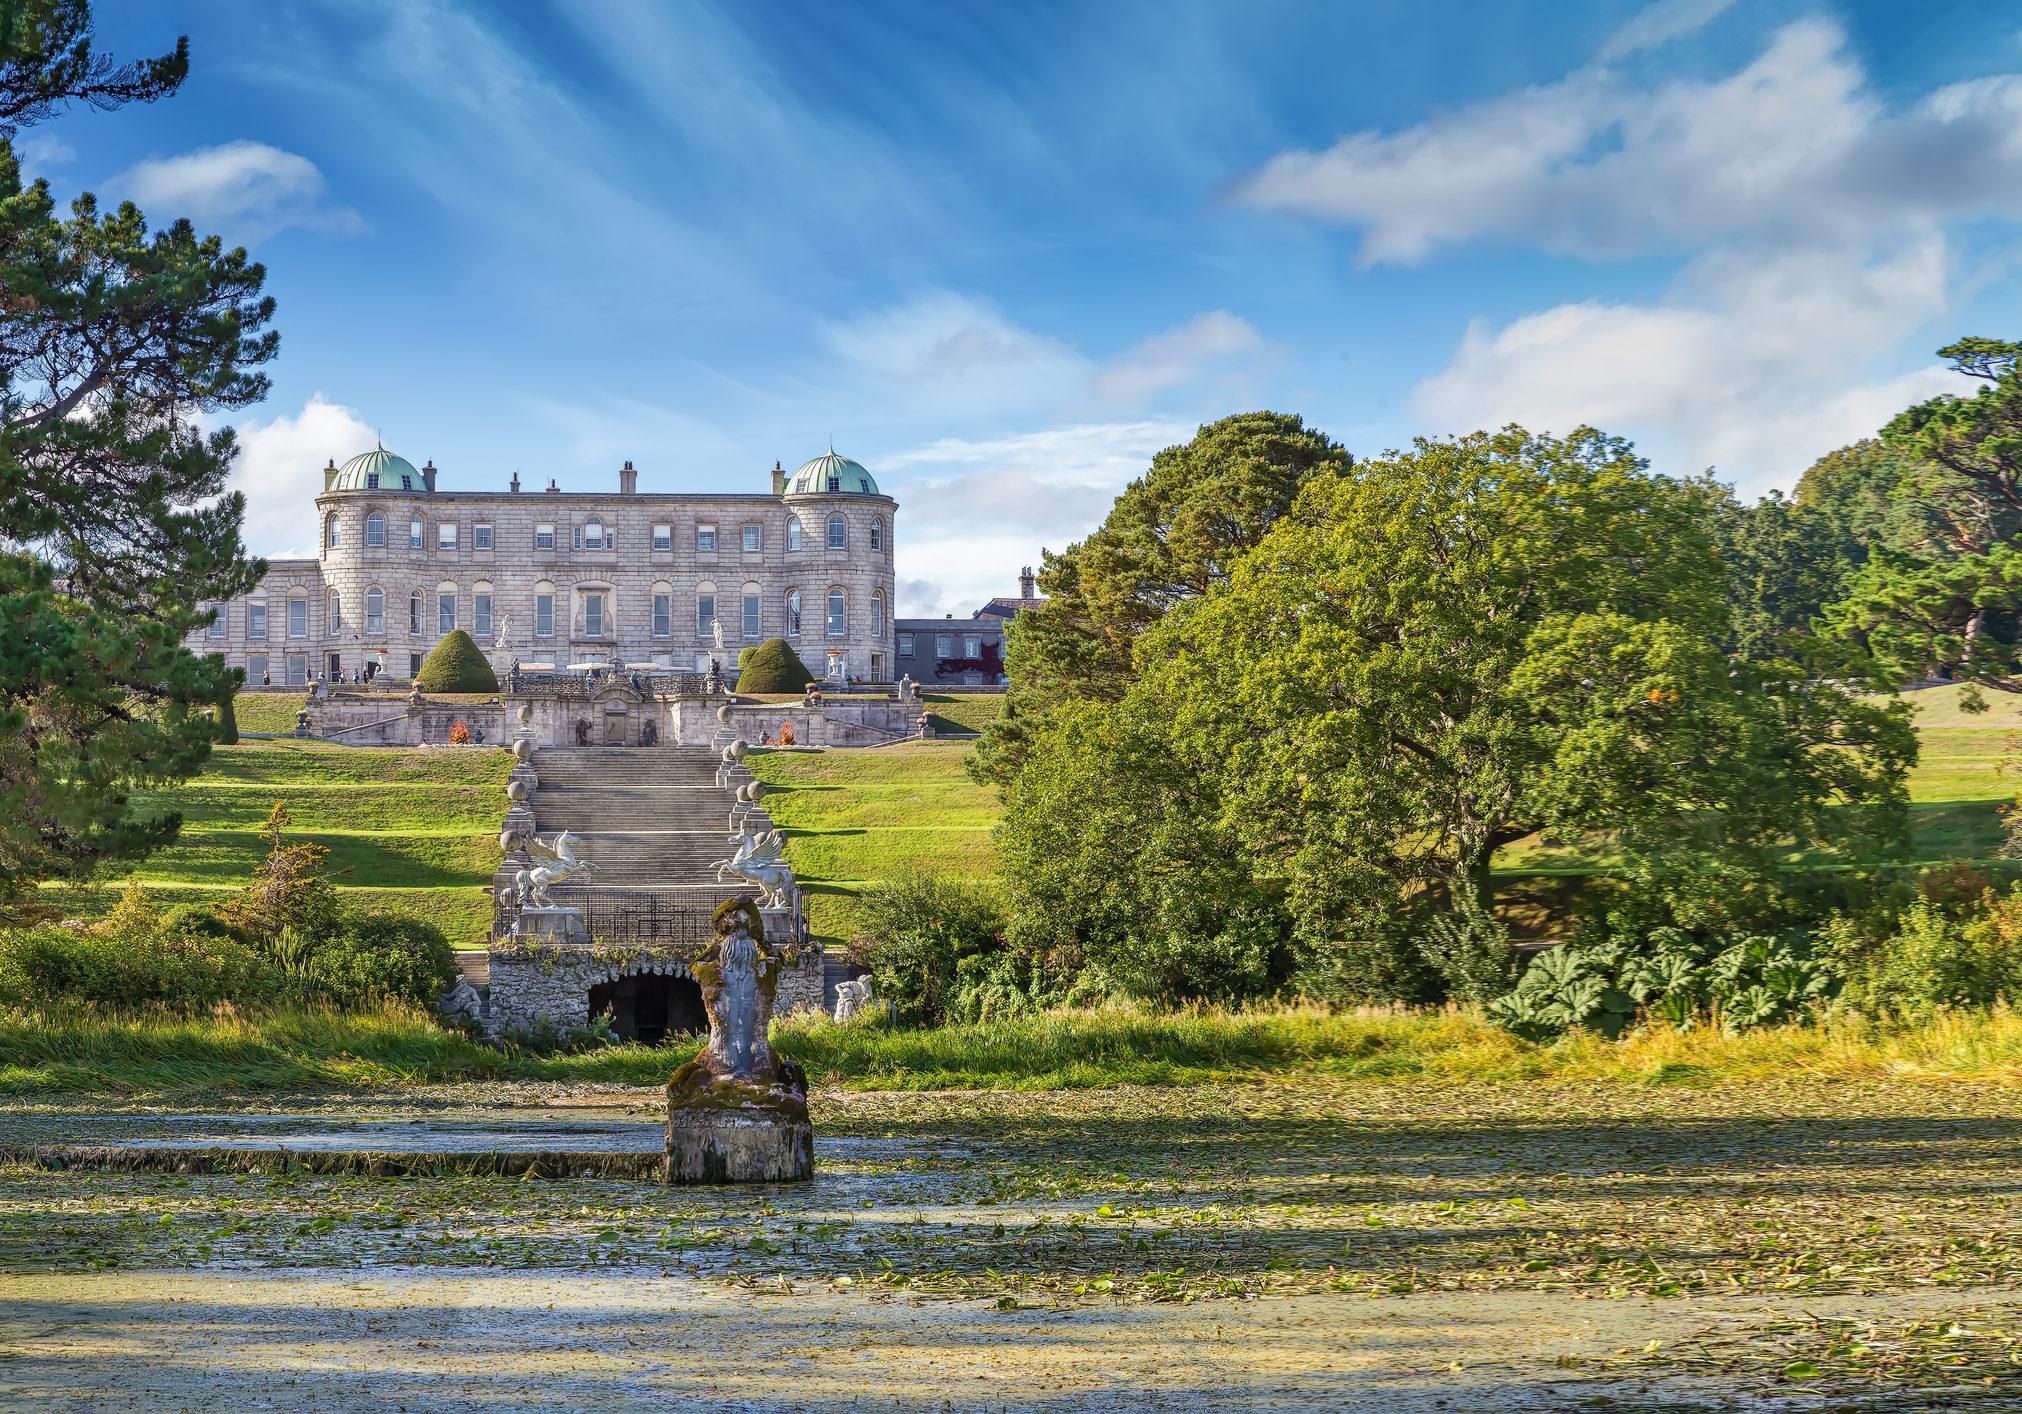 View of Powerscourt Estate from garden, Ireland